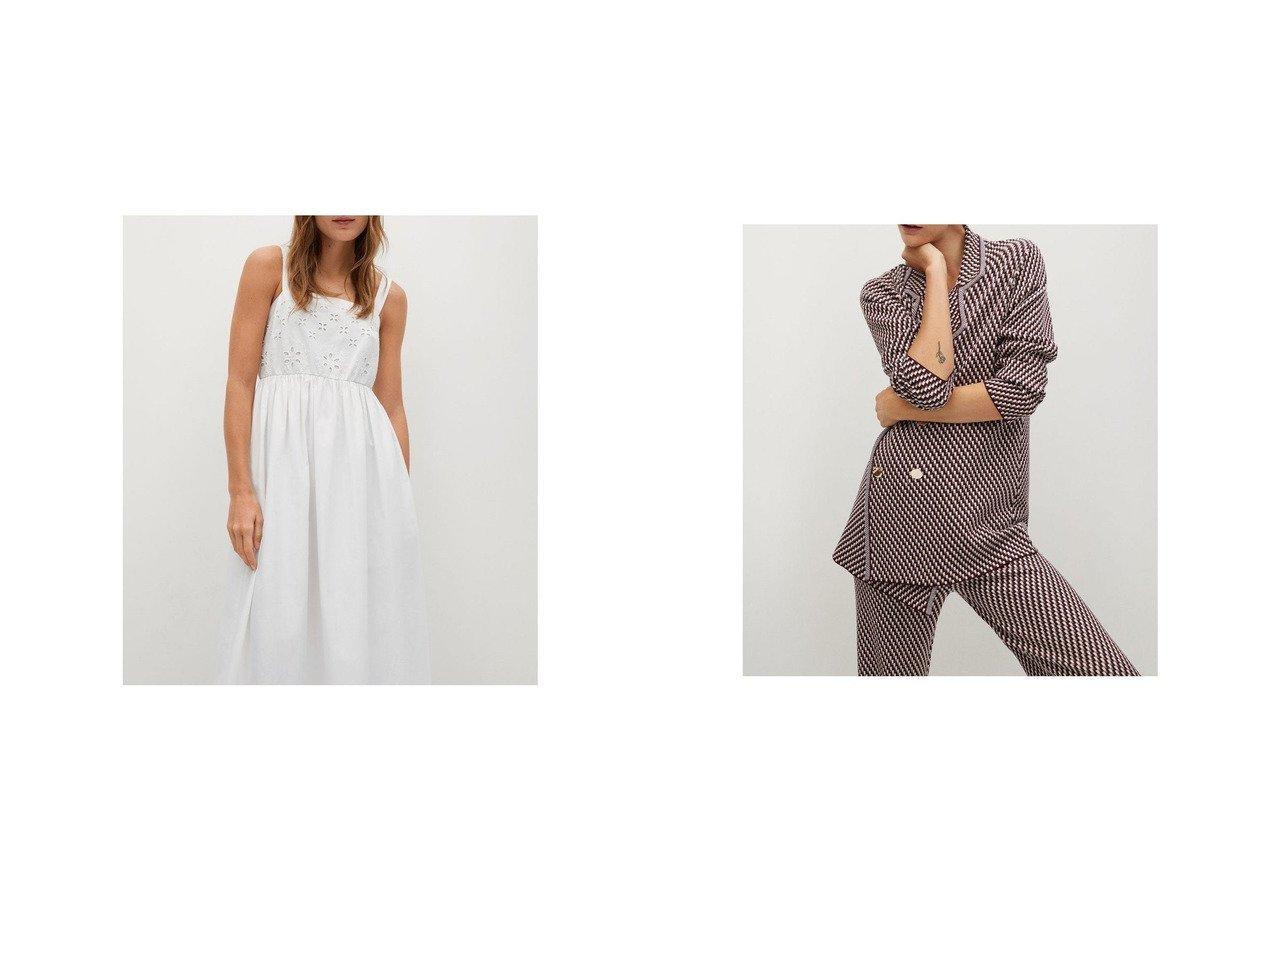 【MANGO/マンゴ】のロングワンピース .-- PERLA-H&カーディガン .-- ABEILLE MANGOのおすすめ!人気、トレンド・レディースファッションの通販  おすすめで人気の流行・トレンド、ファッションの通販商品 メンズファッション・キッズファッション・インテリア・家具・レディースファッション・服の通販 founy(ファニー) https://founy.com/ ファッション Fashion レディースファッション WOMEN ワンピース Dress トップス Tops Tshirt カーディガン Cardigans 2021年 2021 2021 春夏 S/S SS Spring/Summer 2021 S/S 春夏 SS Spring/Summer スクエア フレア ロング 春 Spring 透かし カーディガン 長袖 |ID:crp329100000017710